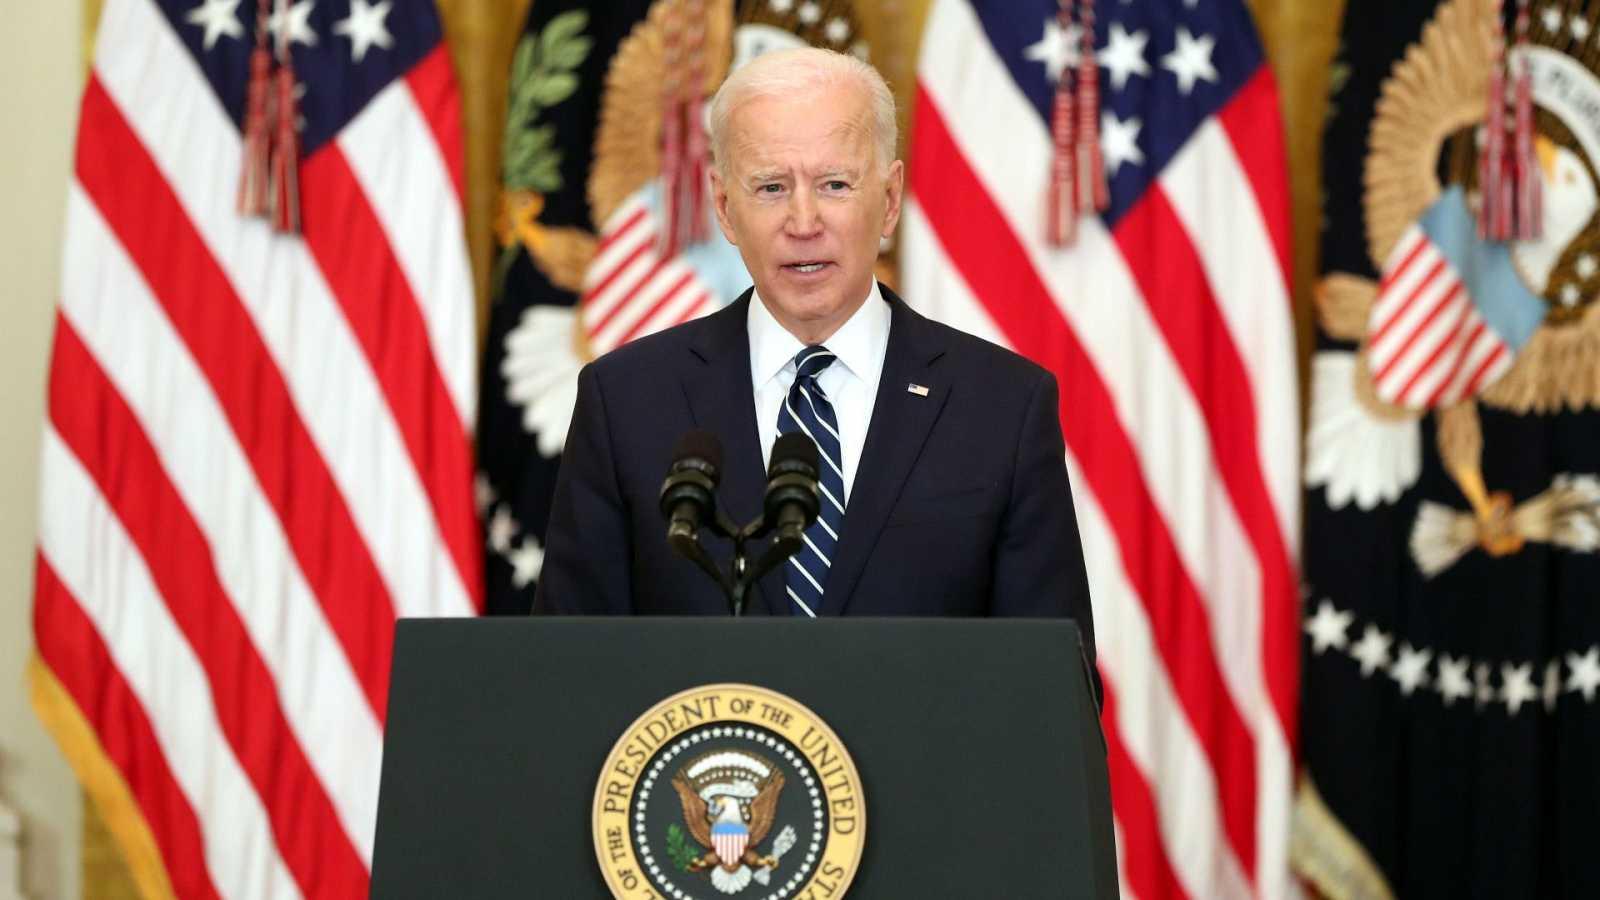 Biden retirará a todas las tropas de Afganistán antes del 11S, según los medios estadounidenses